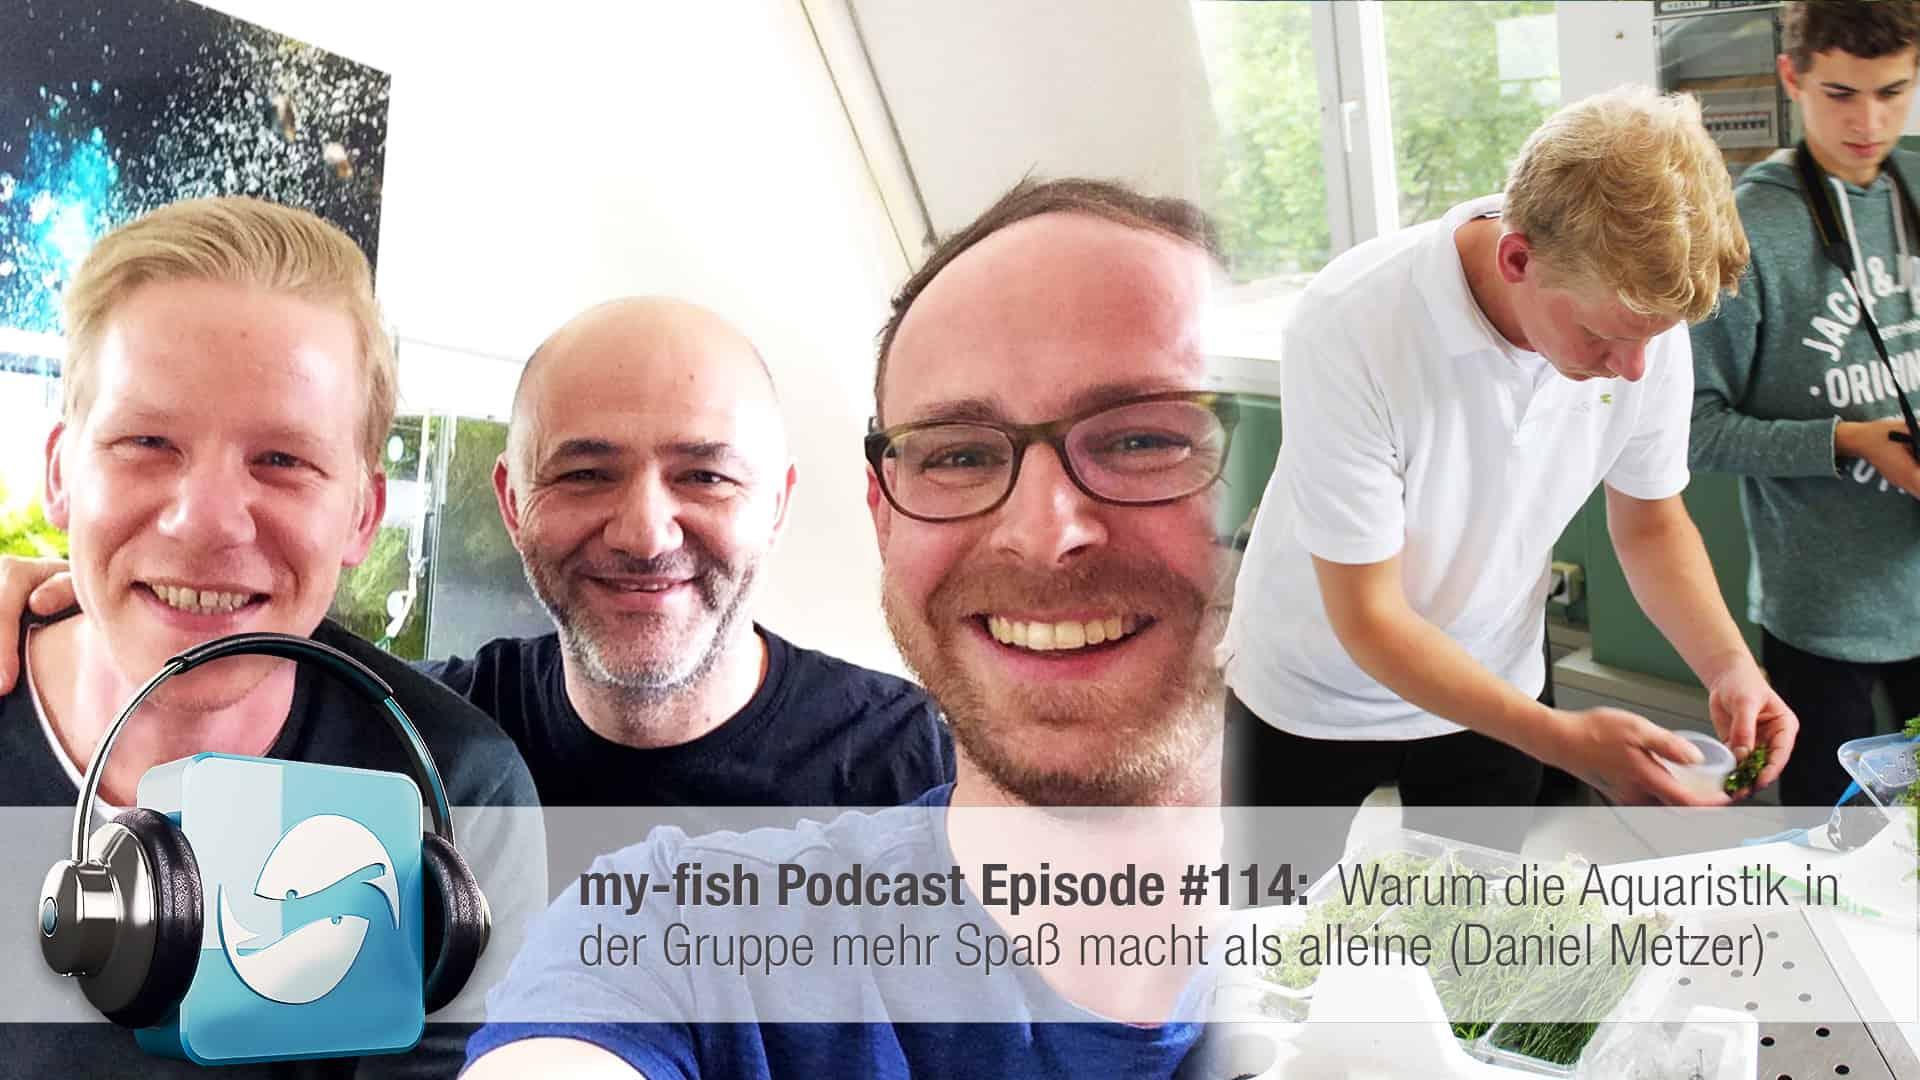 Podcast Episode #114: Warum die Aquaristik in der Gruppe mehr Spaß macht als alleine (Daniel Metzer) 1